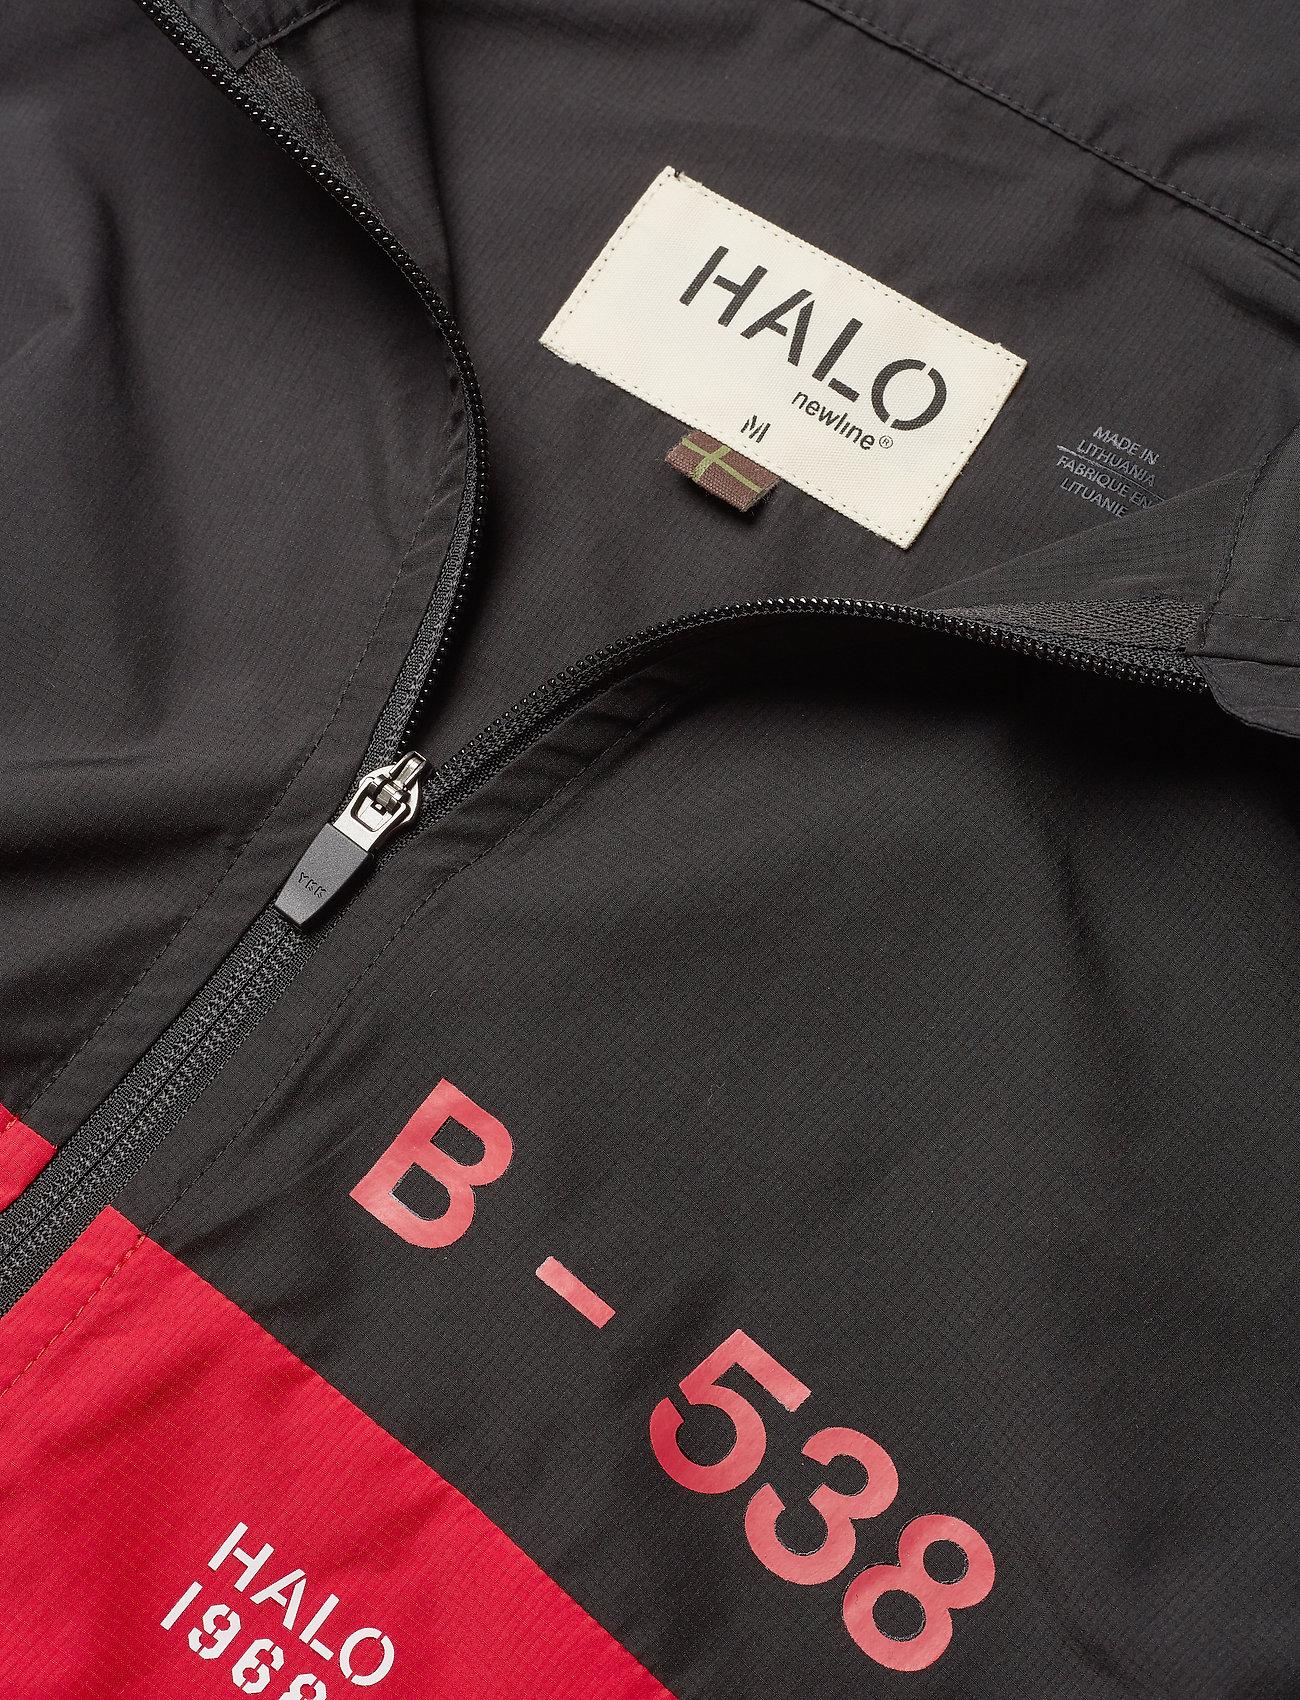 Tech Tech Jacketred Halo Halo black Jacketred WdCxreBo